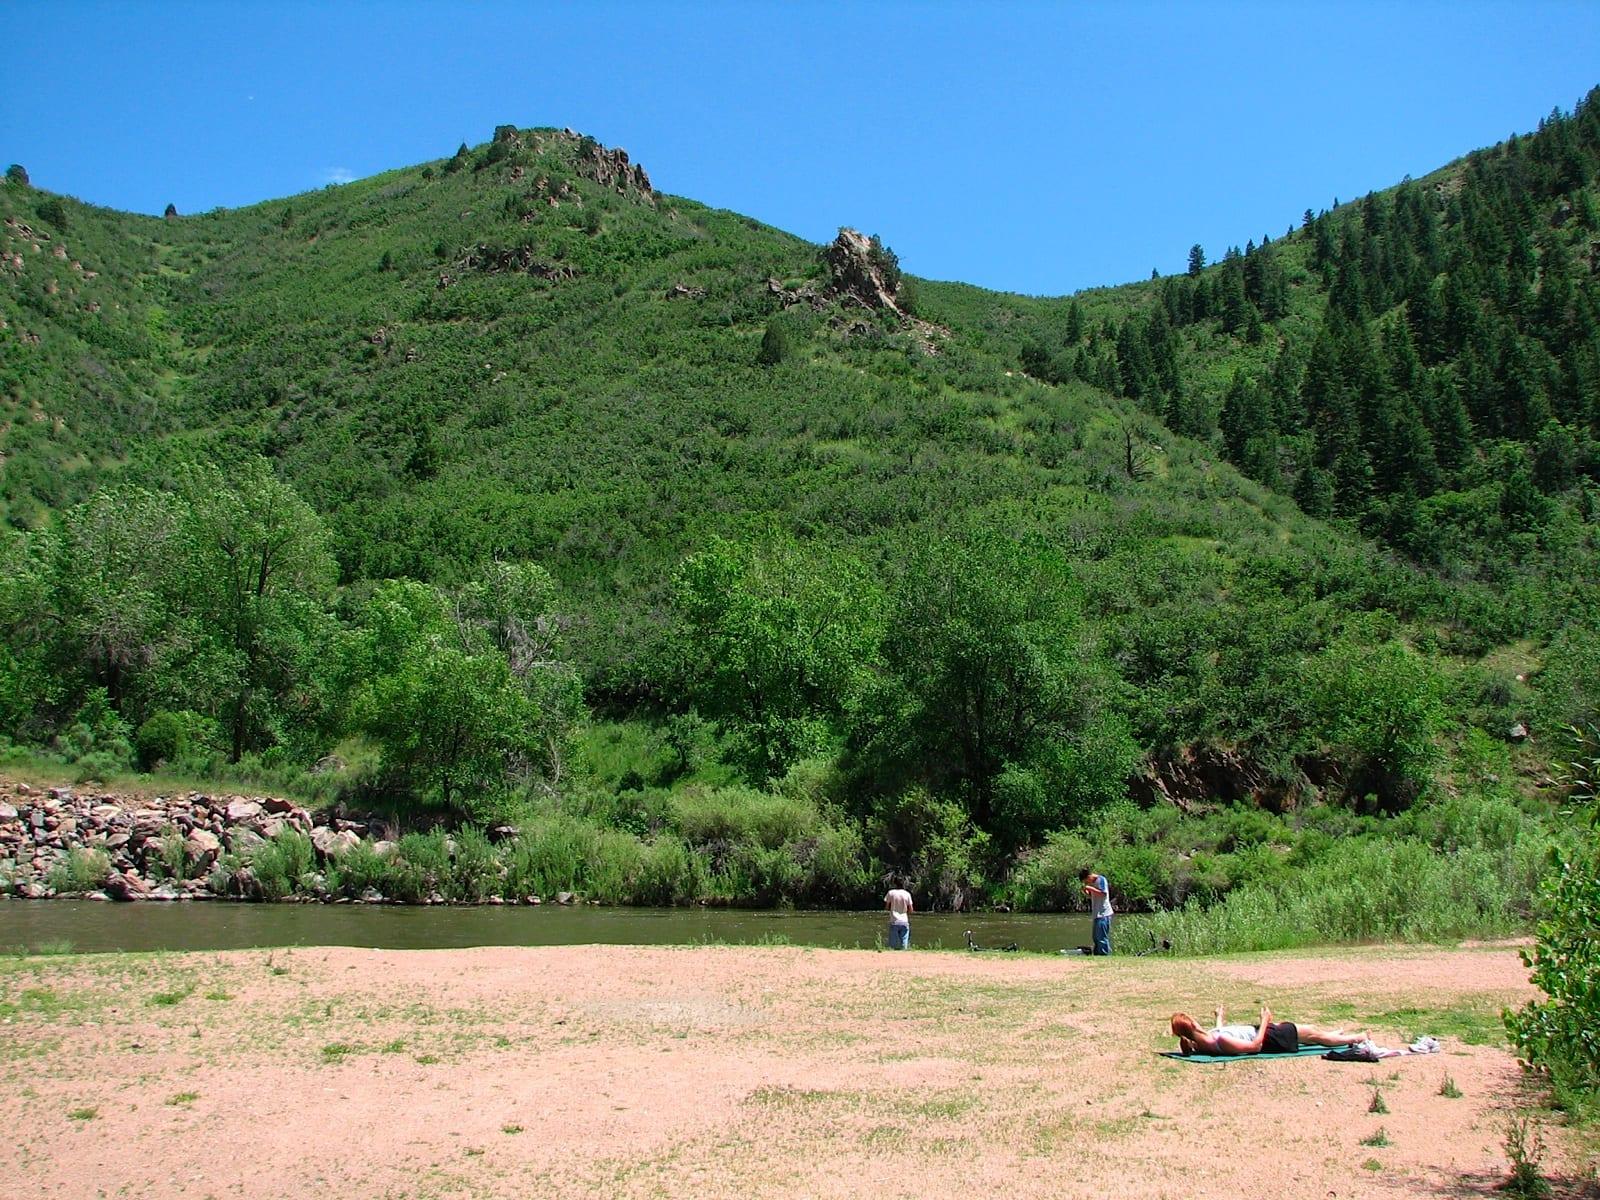 Fishing at Waterton Canyon, CO